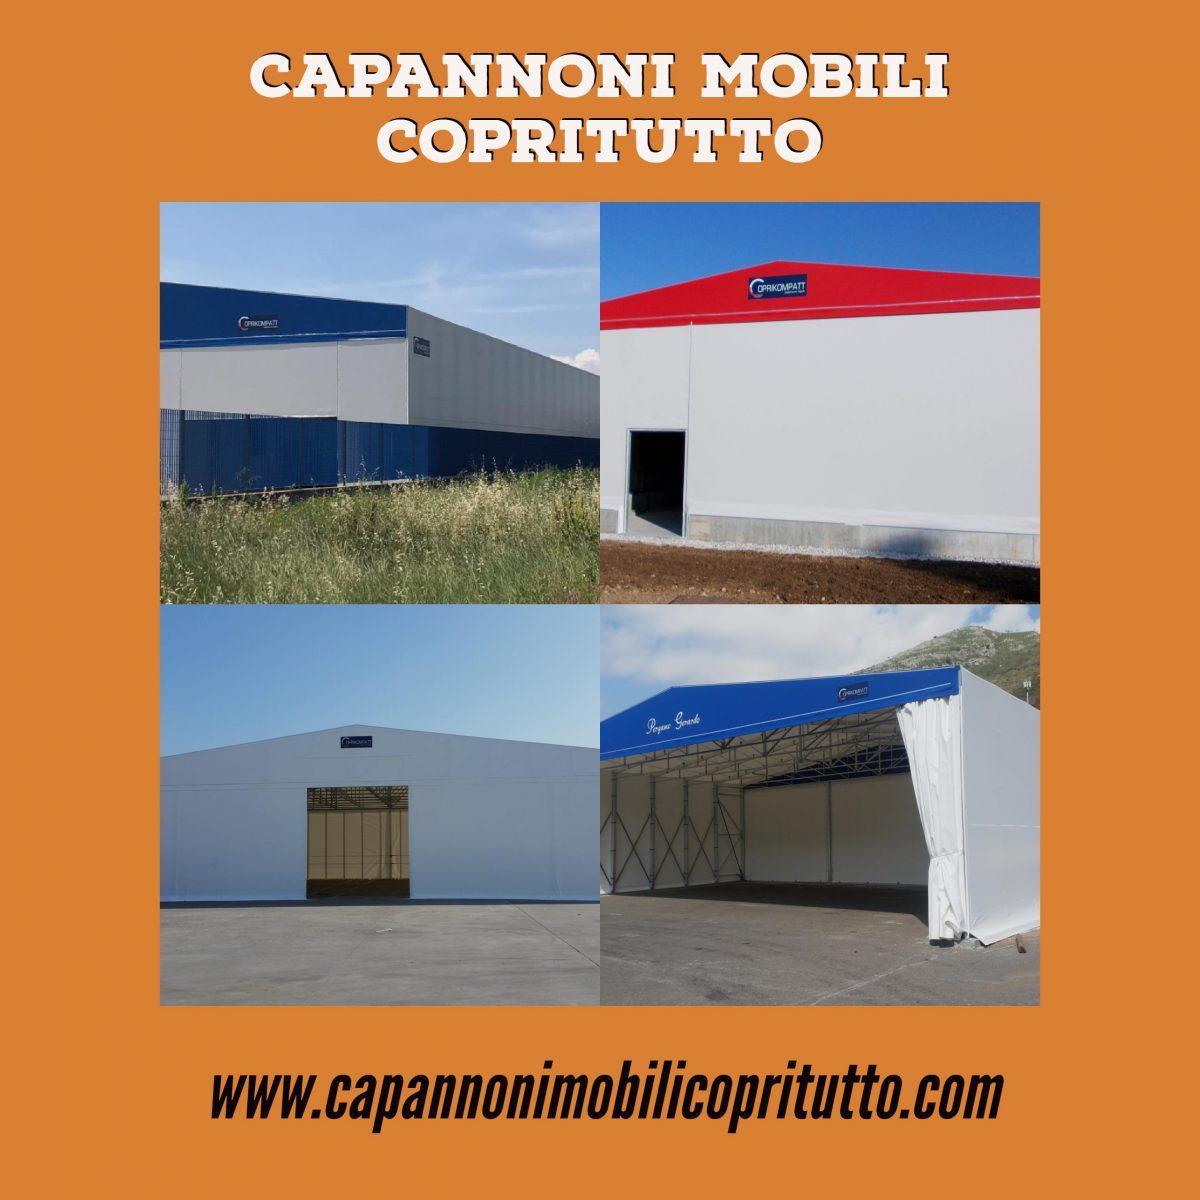 Magazzino mobile COPRITUTTO